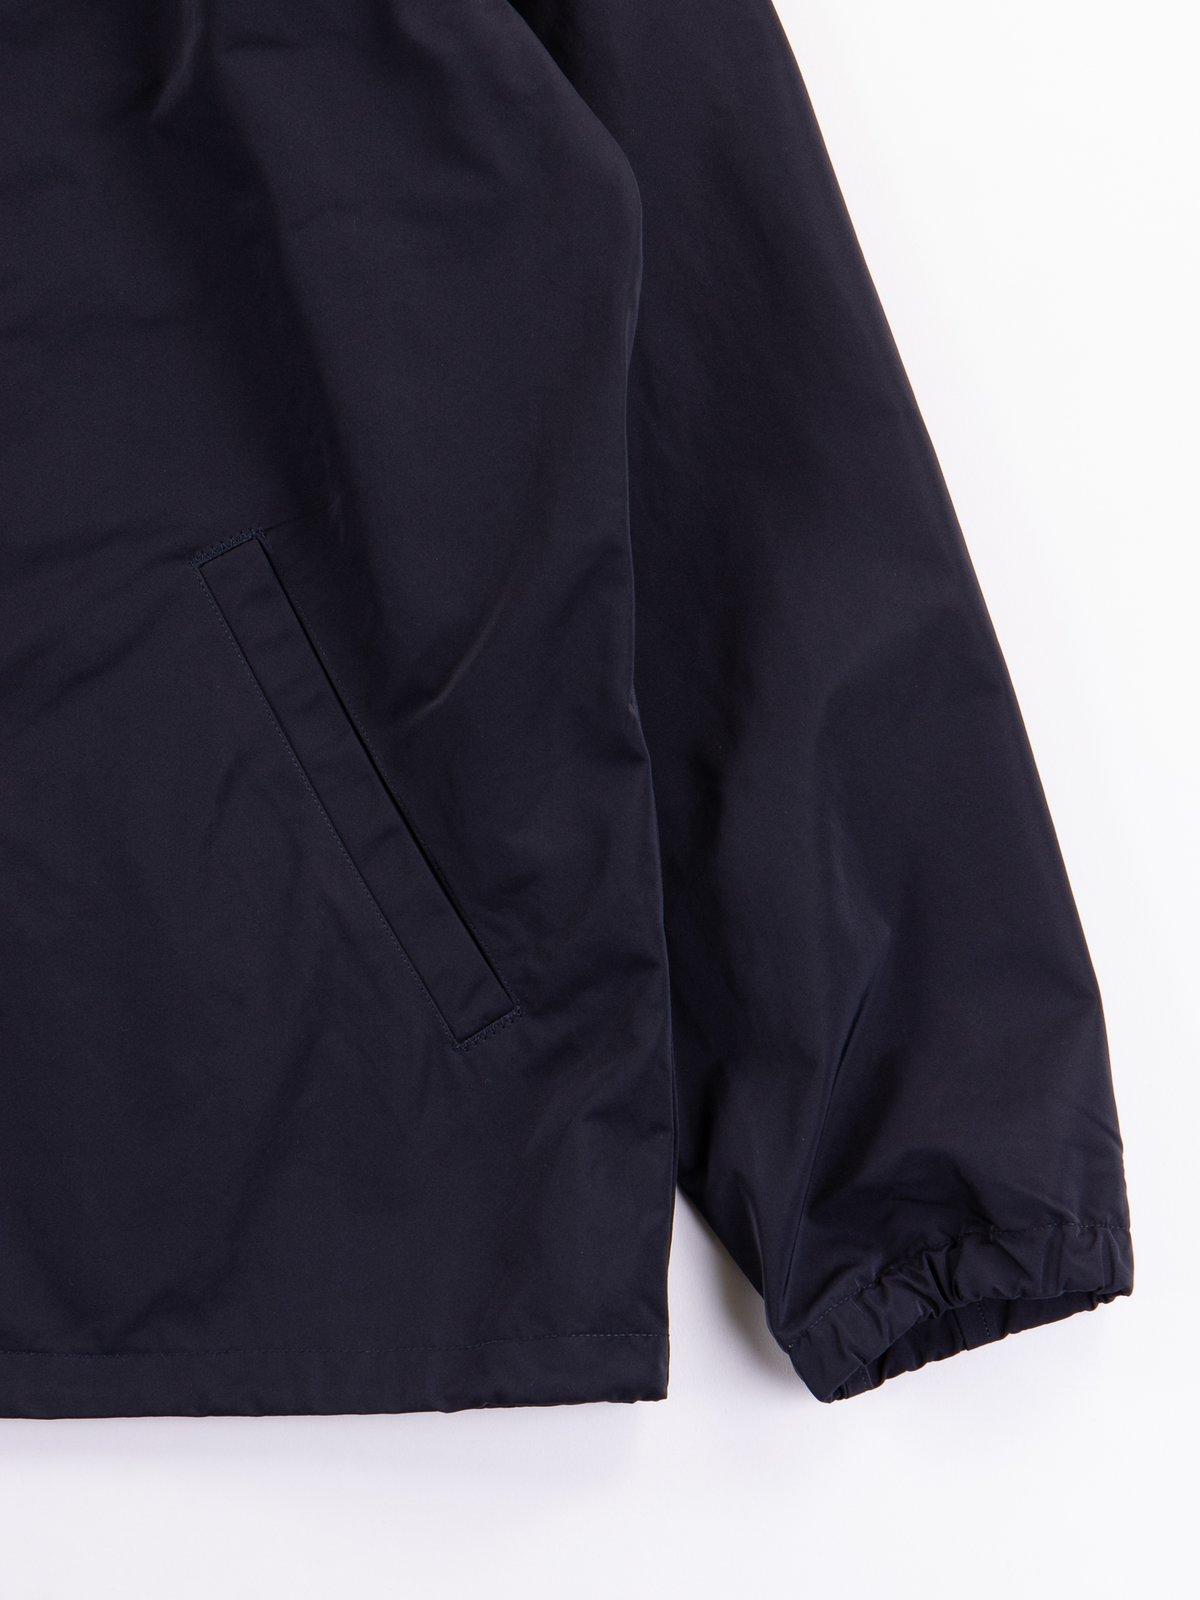 Navy Coach Jacket - Image 5